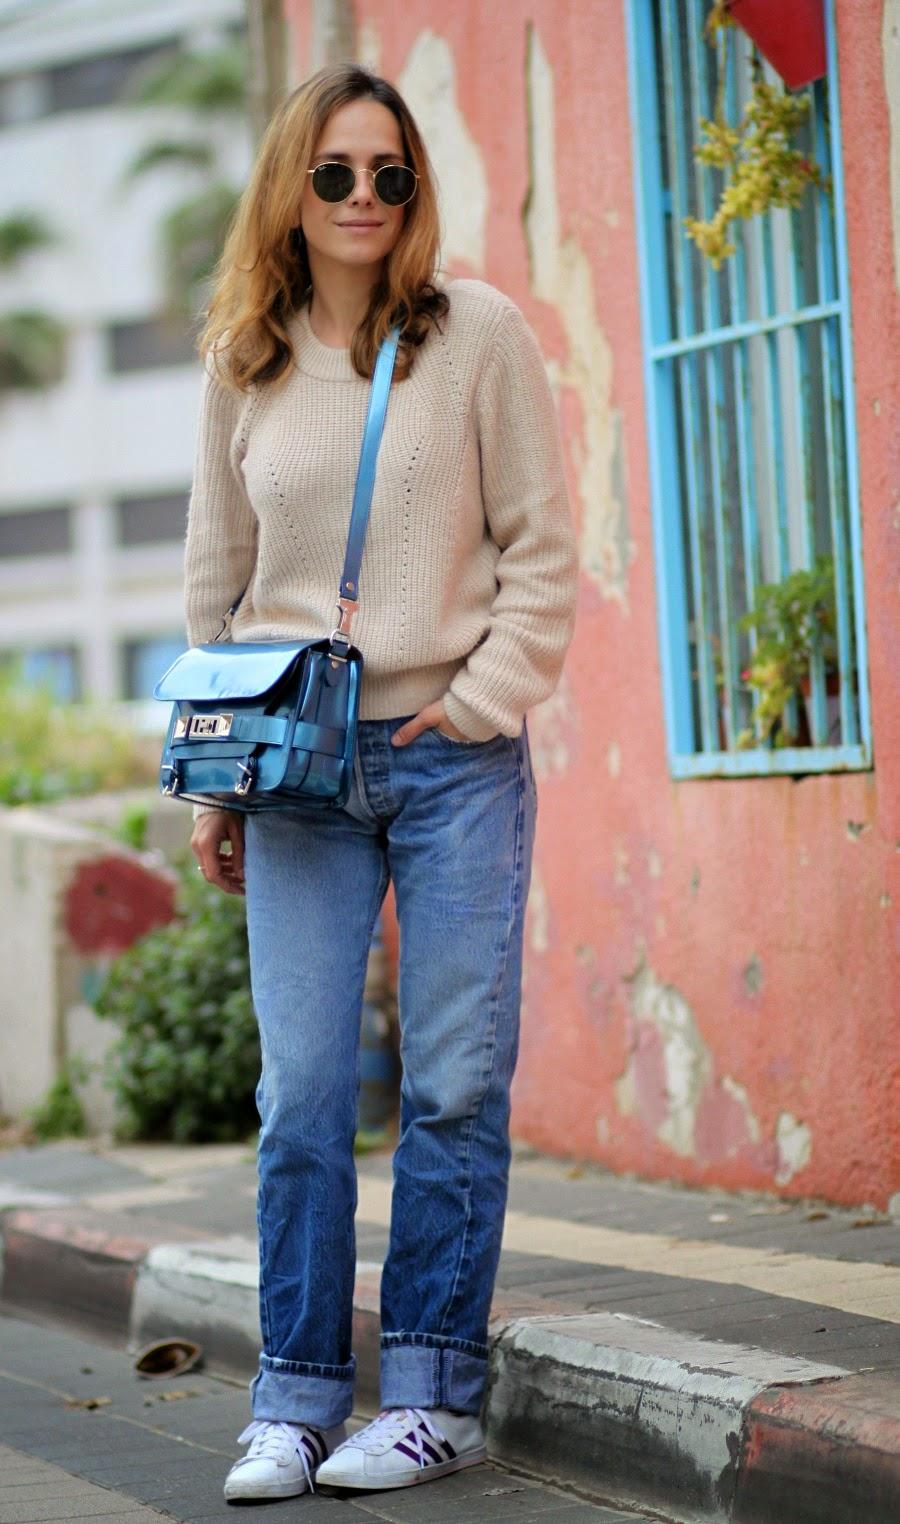 vintage, levi's501, lookoftheday, ootd, streetstyle, fashiontelaviv, fashionblog, אופנה, בלוגאופנה, סטייל